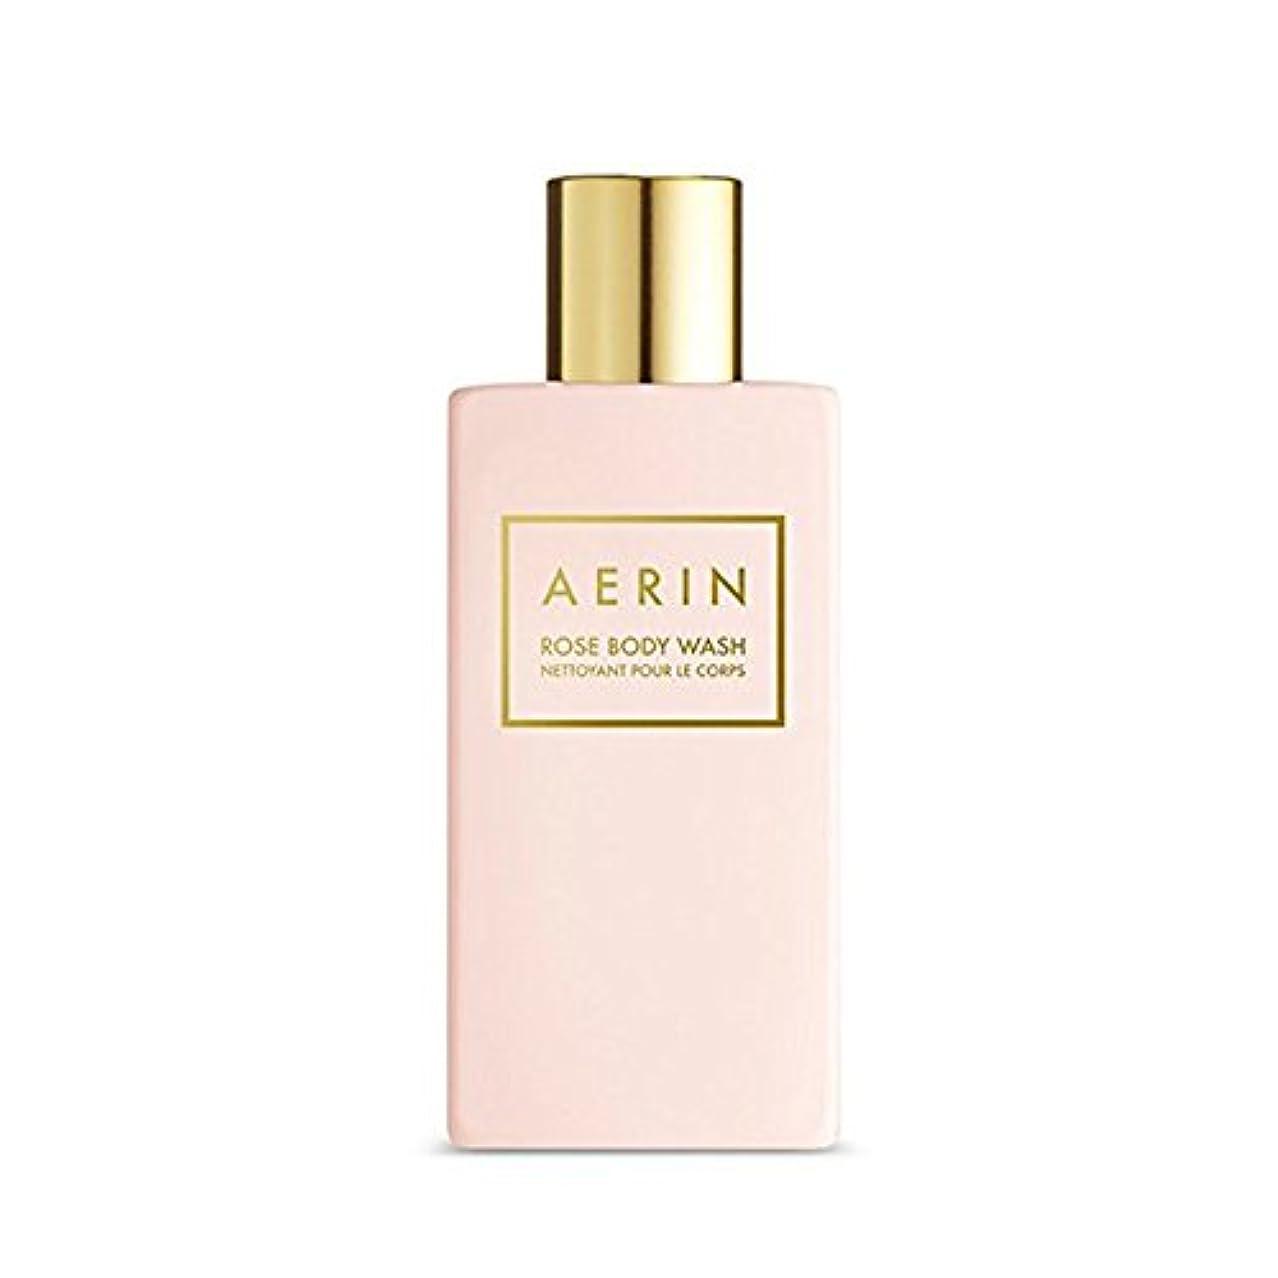 国家ずんぐりした辛いAERIN Rose Body Wash(アエリン ローズ ボディー ウオッシュ) 7.6 oz (225ml) by Estee Lauder